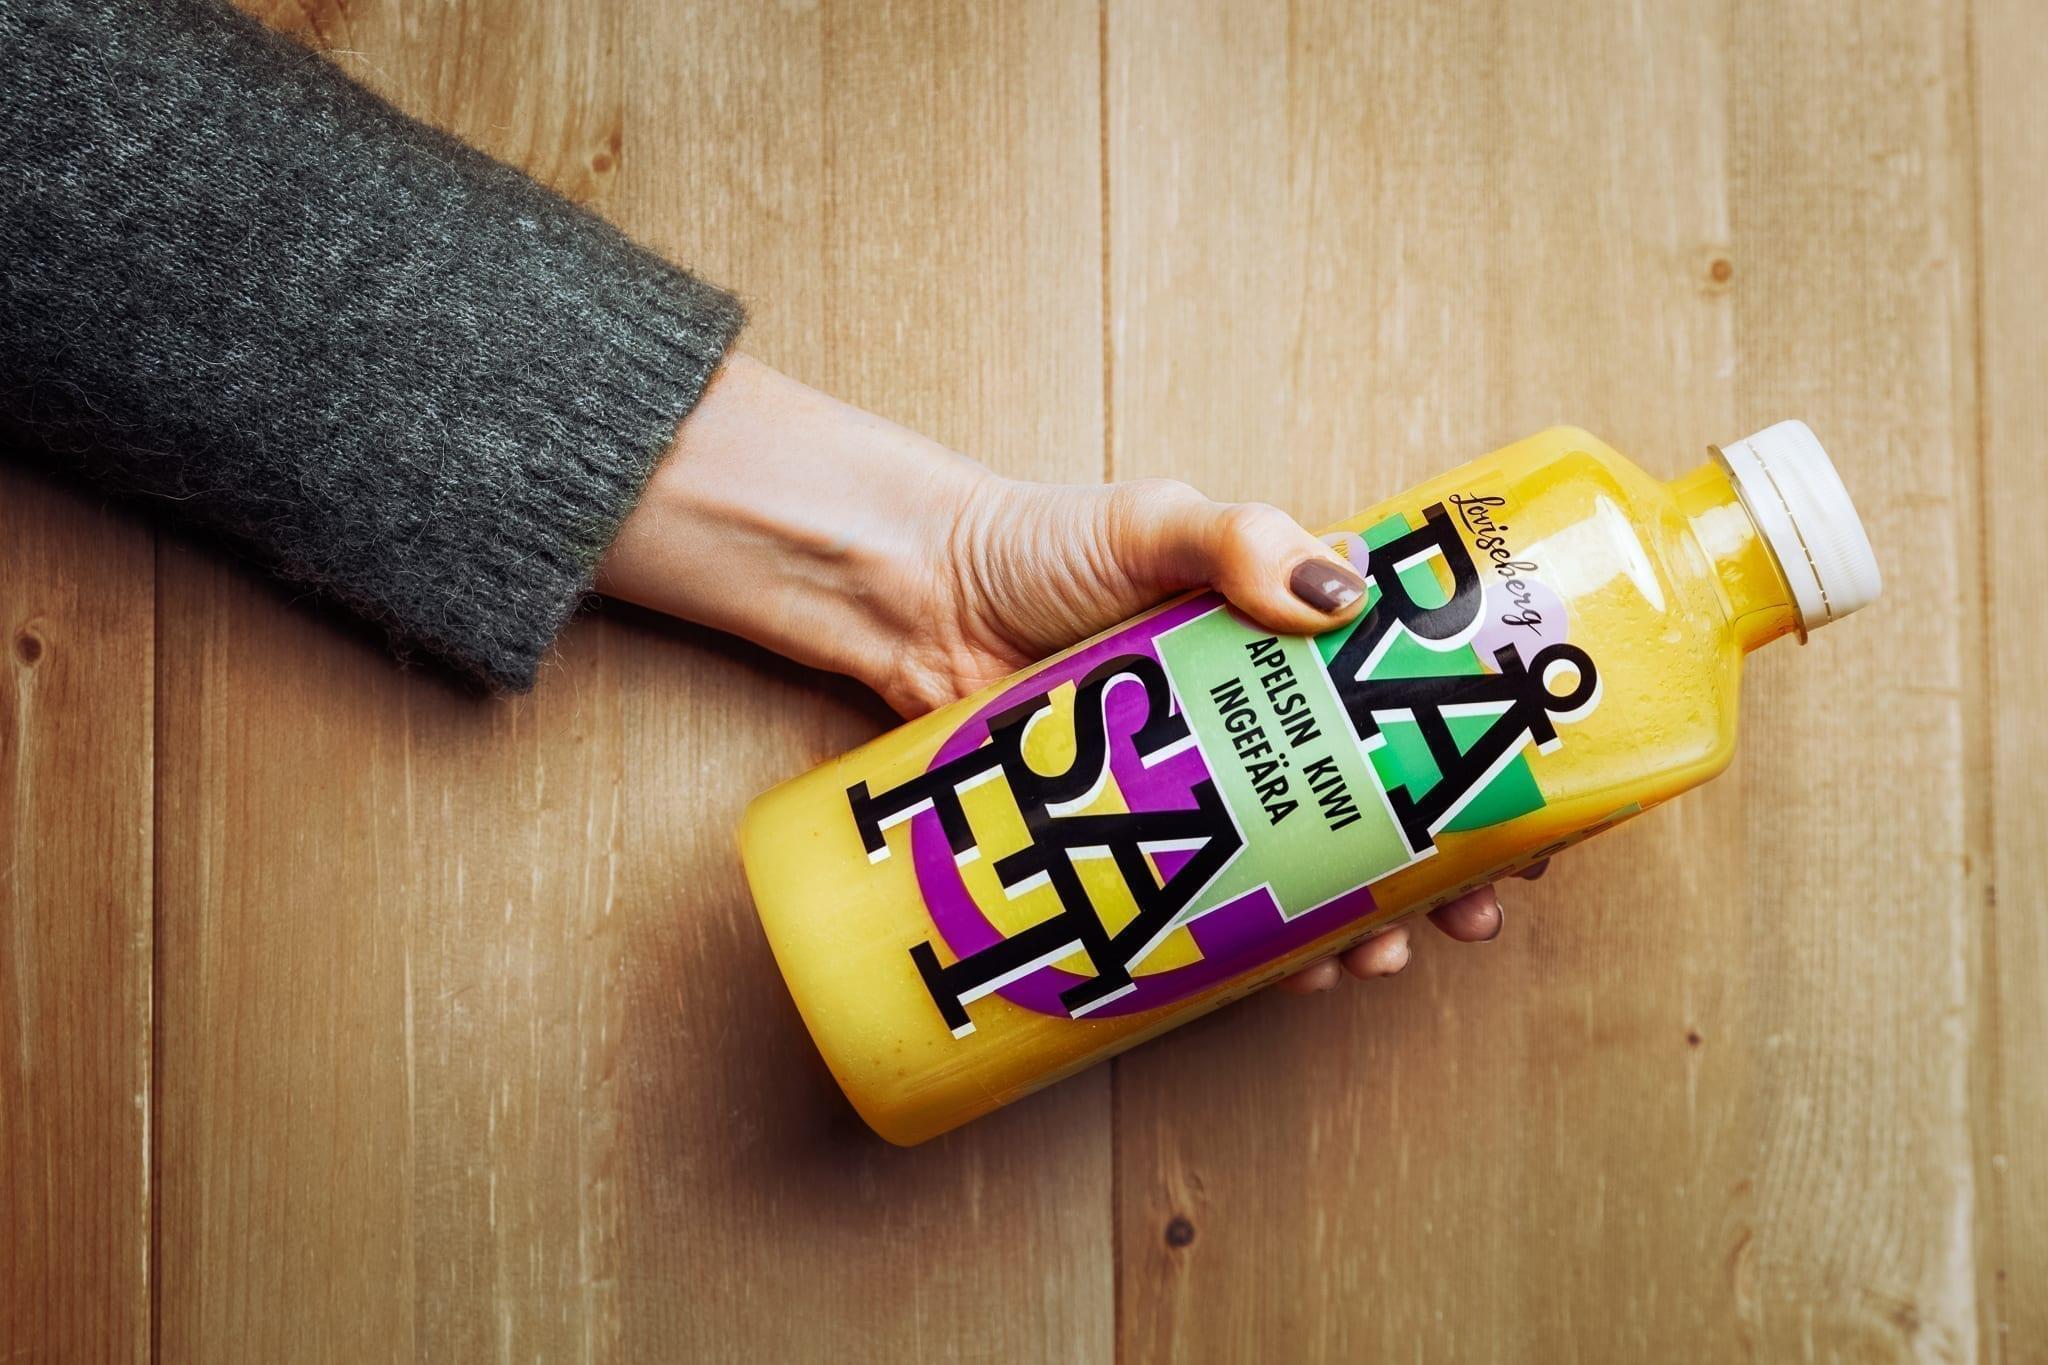 RÅSAFT Apelsin Kiwi Ingefära färsk obehandlad juice